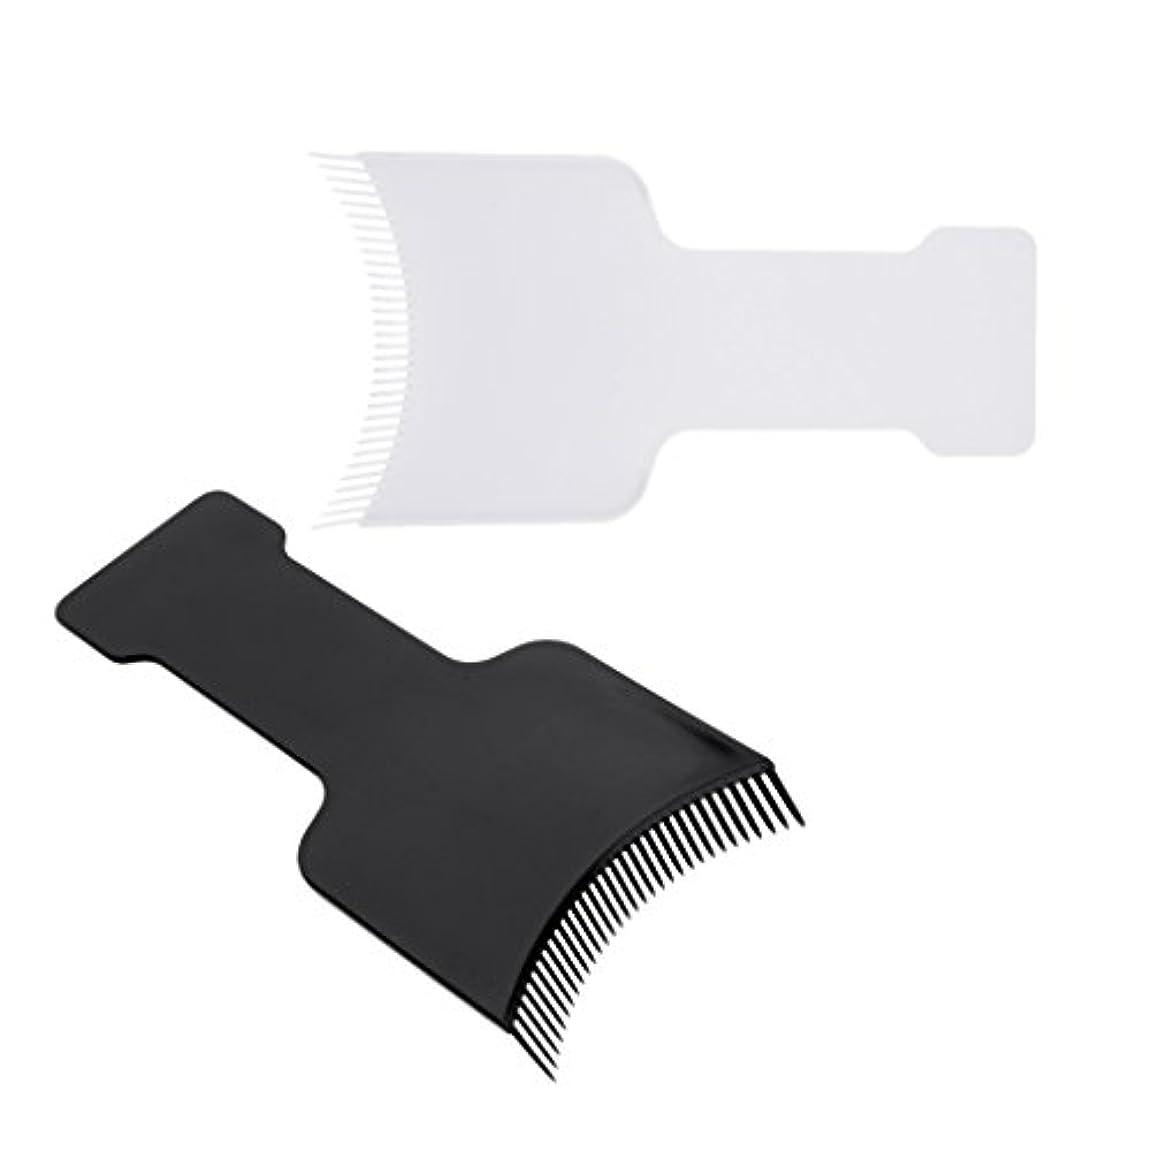 積極的に専門用語圧縮された2本サロンヘアカラーボードヘアカラーティント美容ヘアツール